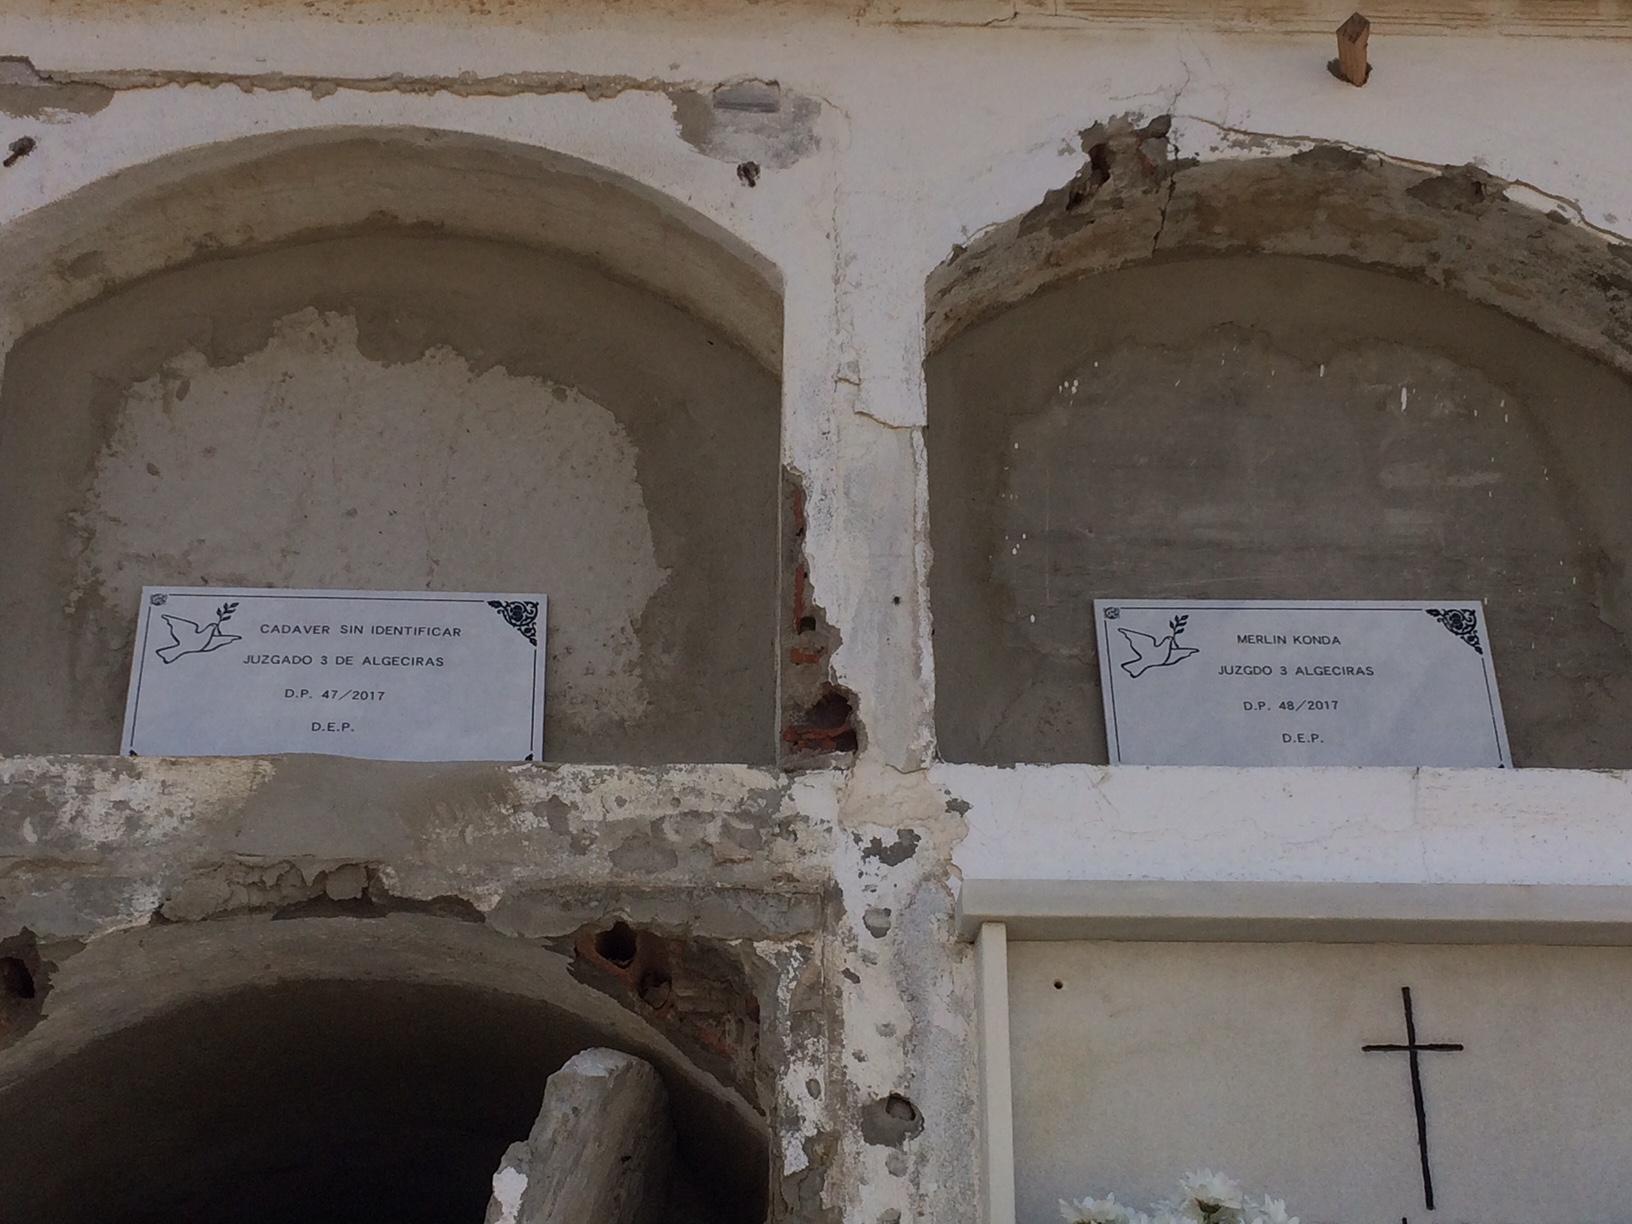 """Certains migrants meurent dans l\'anonymat et sont enterrés avec cet épitaphe :\""""Cadavre sans identification\""""."""